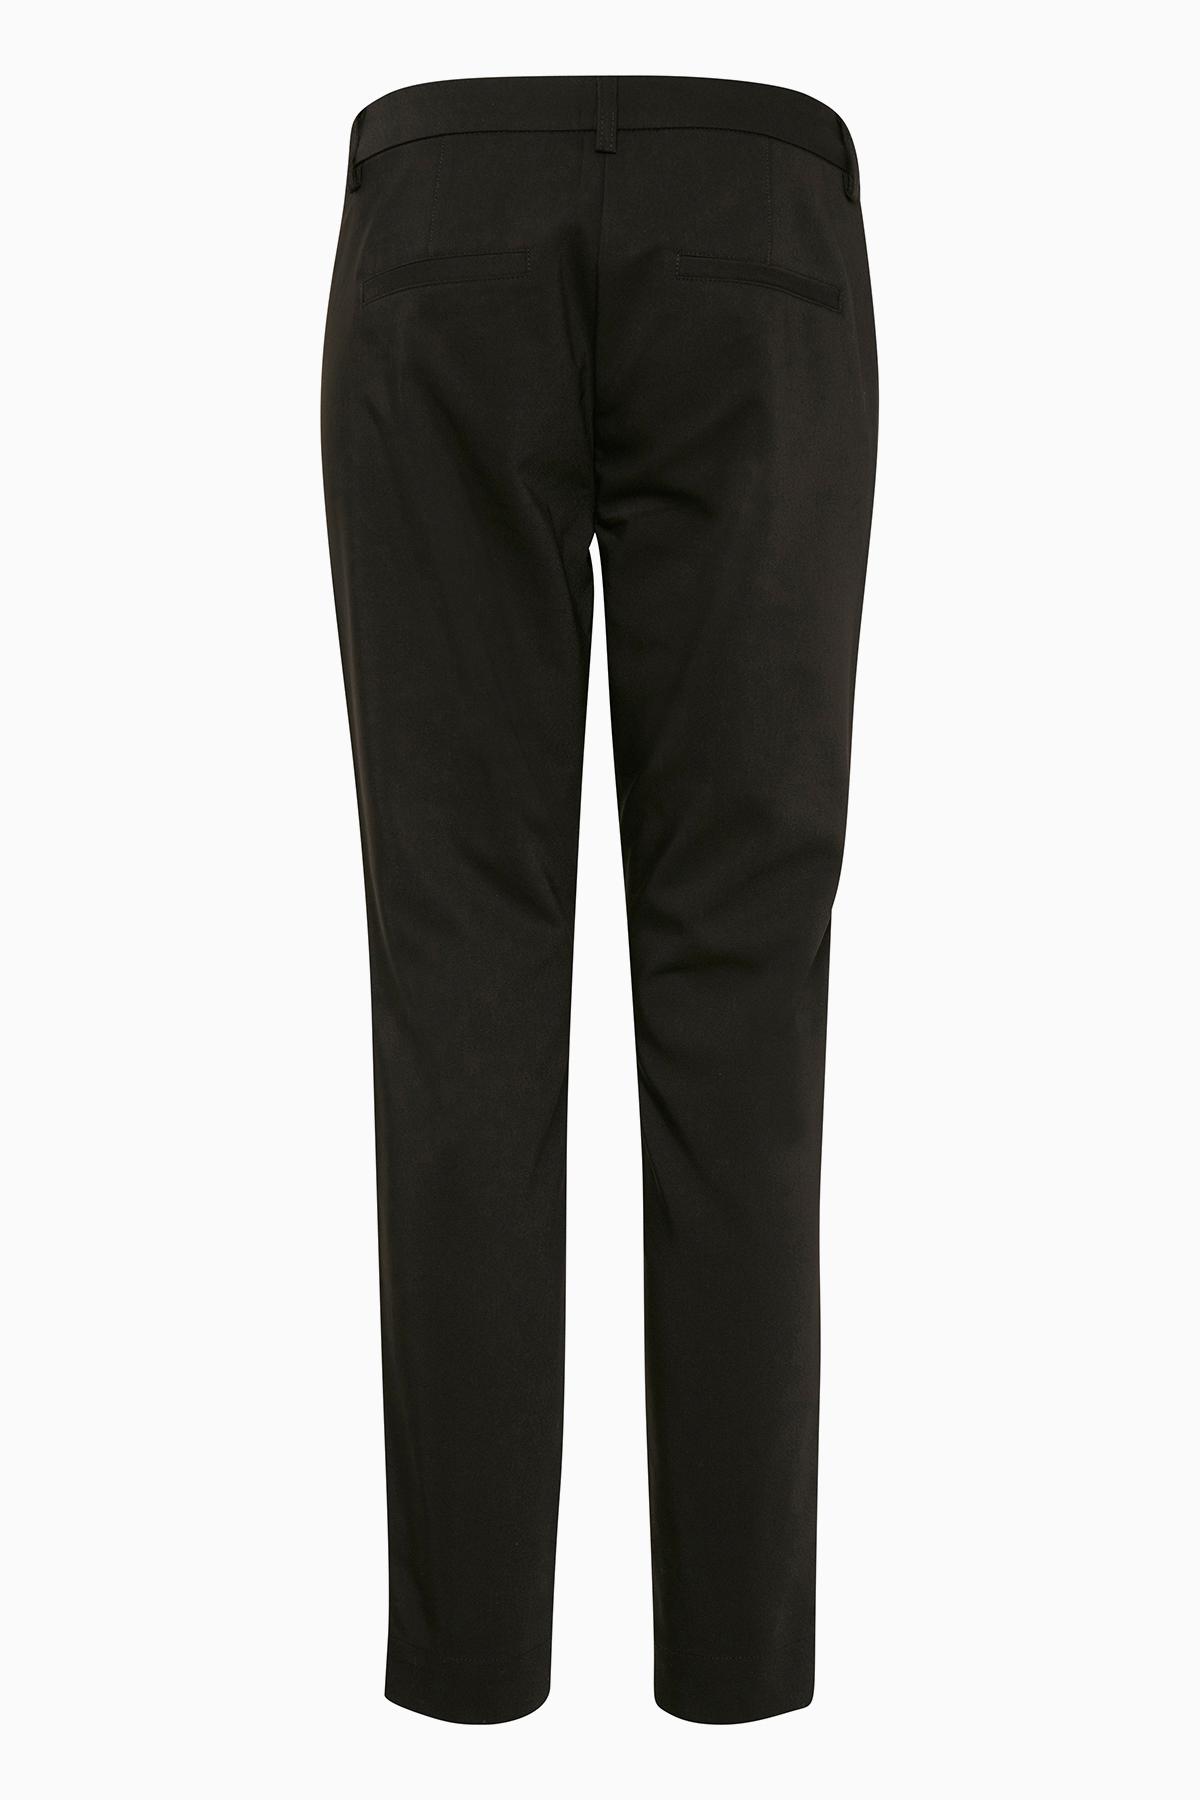 Black Pants Suiting – Køb Black Pants Suiting fra str. 34-46 her